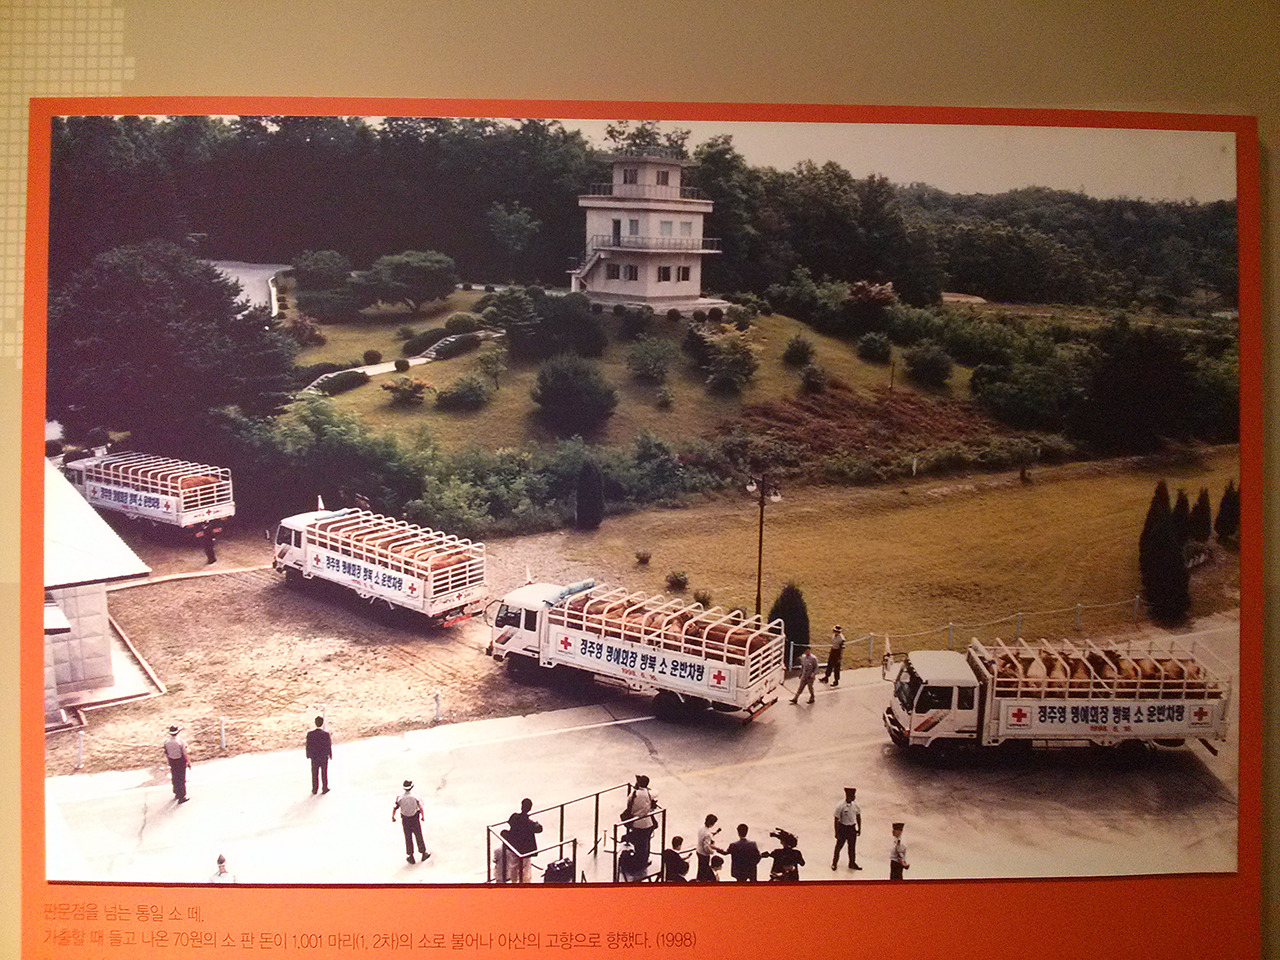 소떼 방북 장면. 서울아산병원의 아산기념전시실에서 찍은 사진.